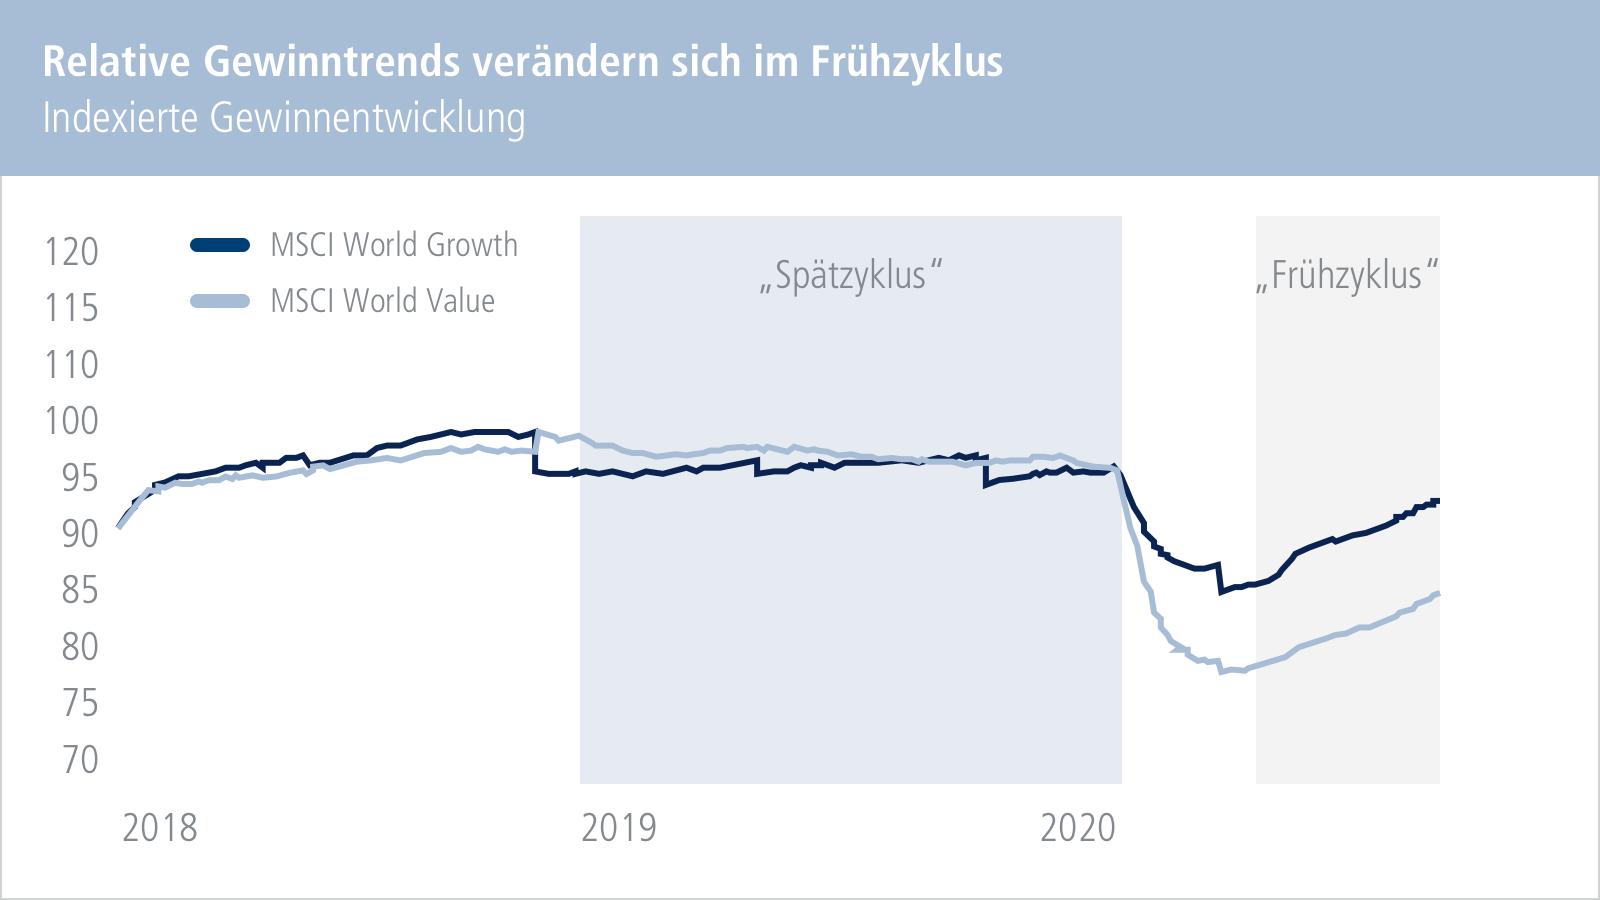 Chart: Relative Gewinntrends verändern sich im Frühzyklus. Indexierte Gewinnentwicklung.